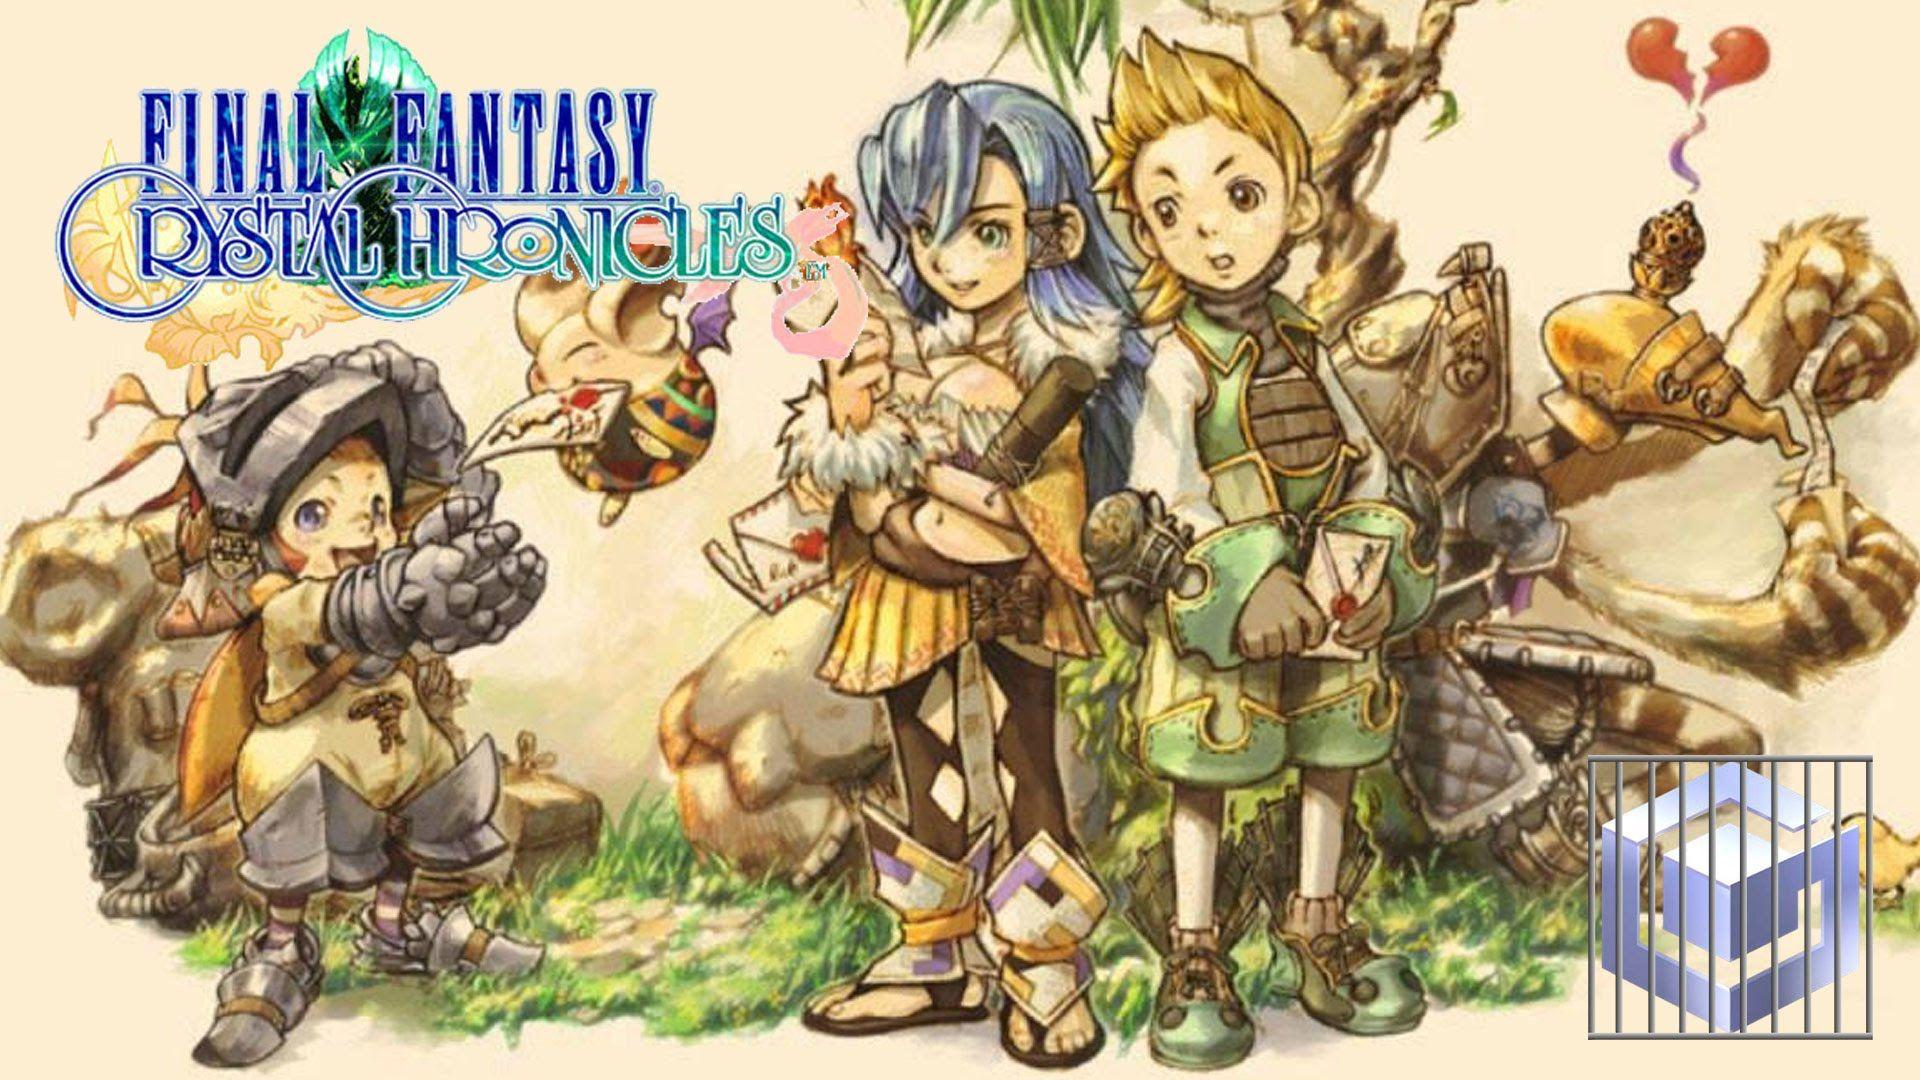 1b2e81fc5f1c43e8d6c3505ba60bb849.jpg (1920×1080)   Final fantasy, Fantasy  games, Fantasy